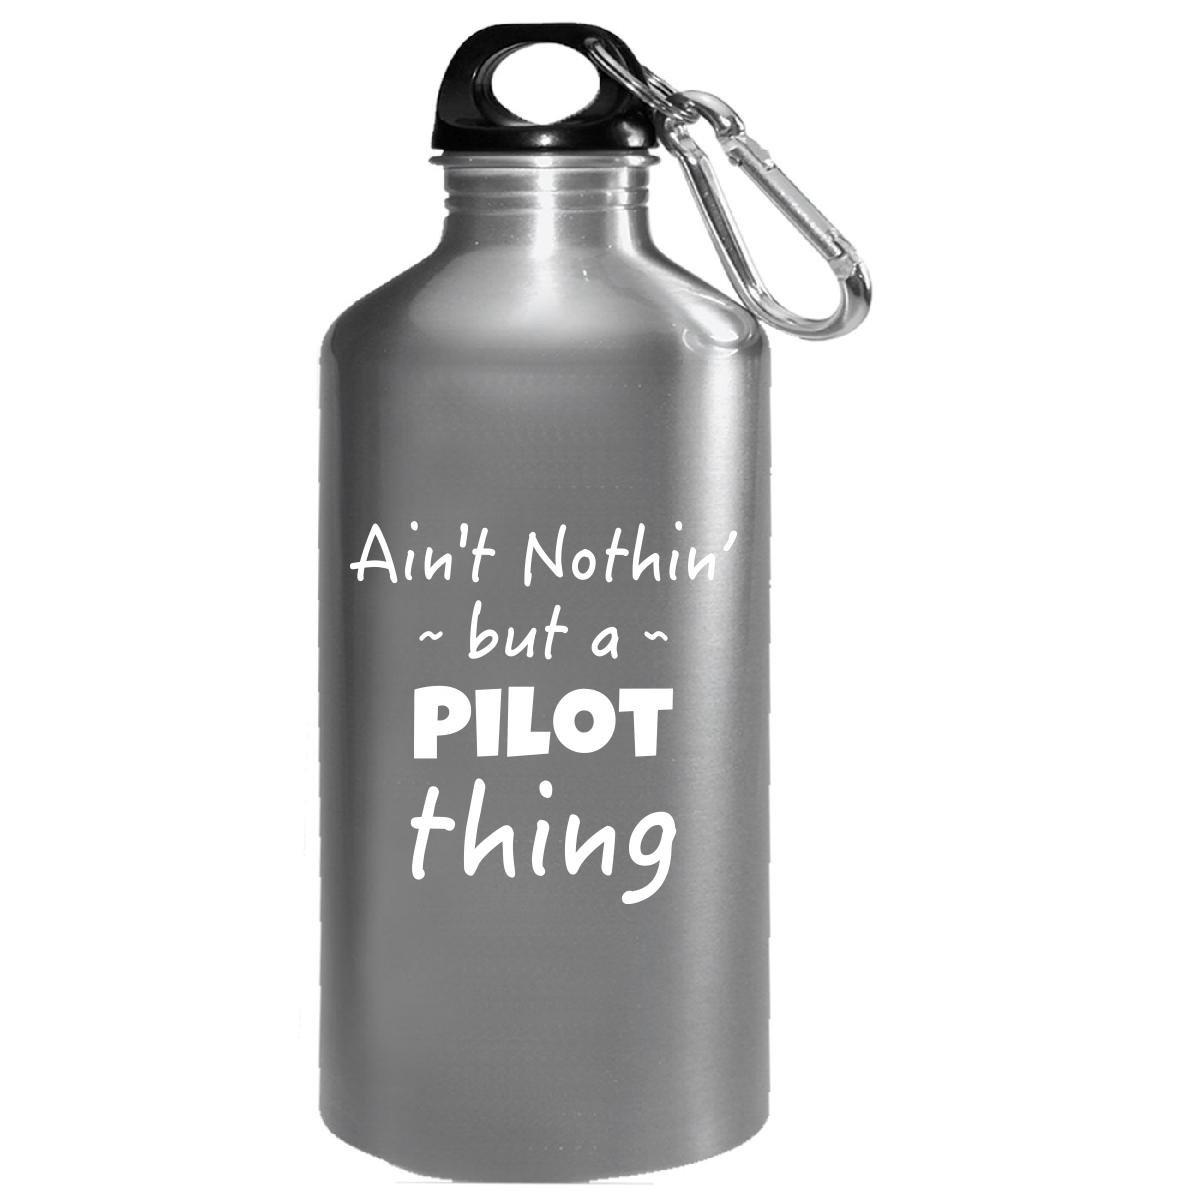 パイロットThing Careerジョブと趣味Pride Saying – 水ボトル B0781N1TD1